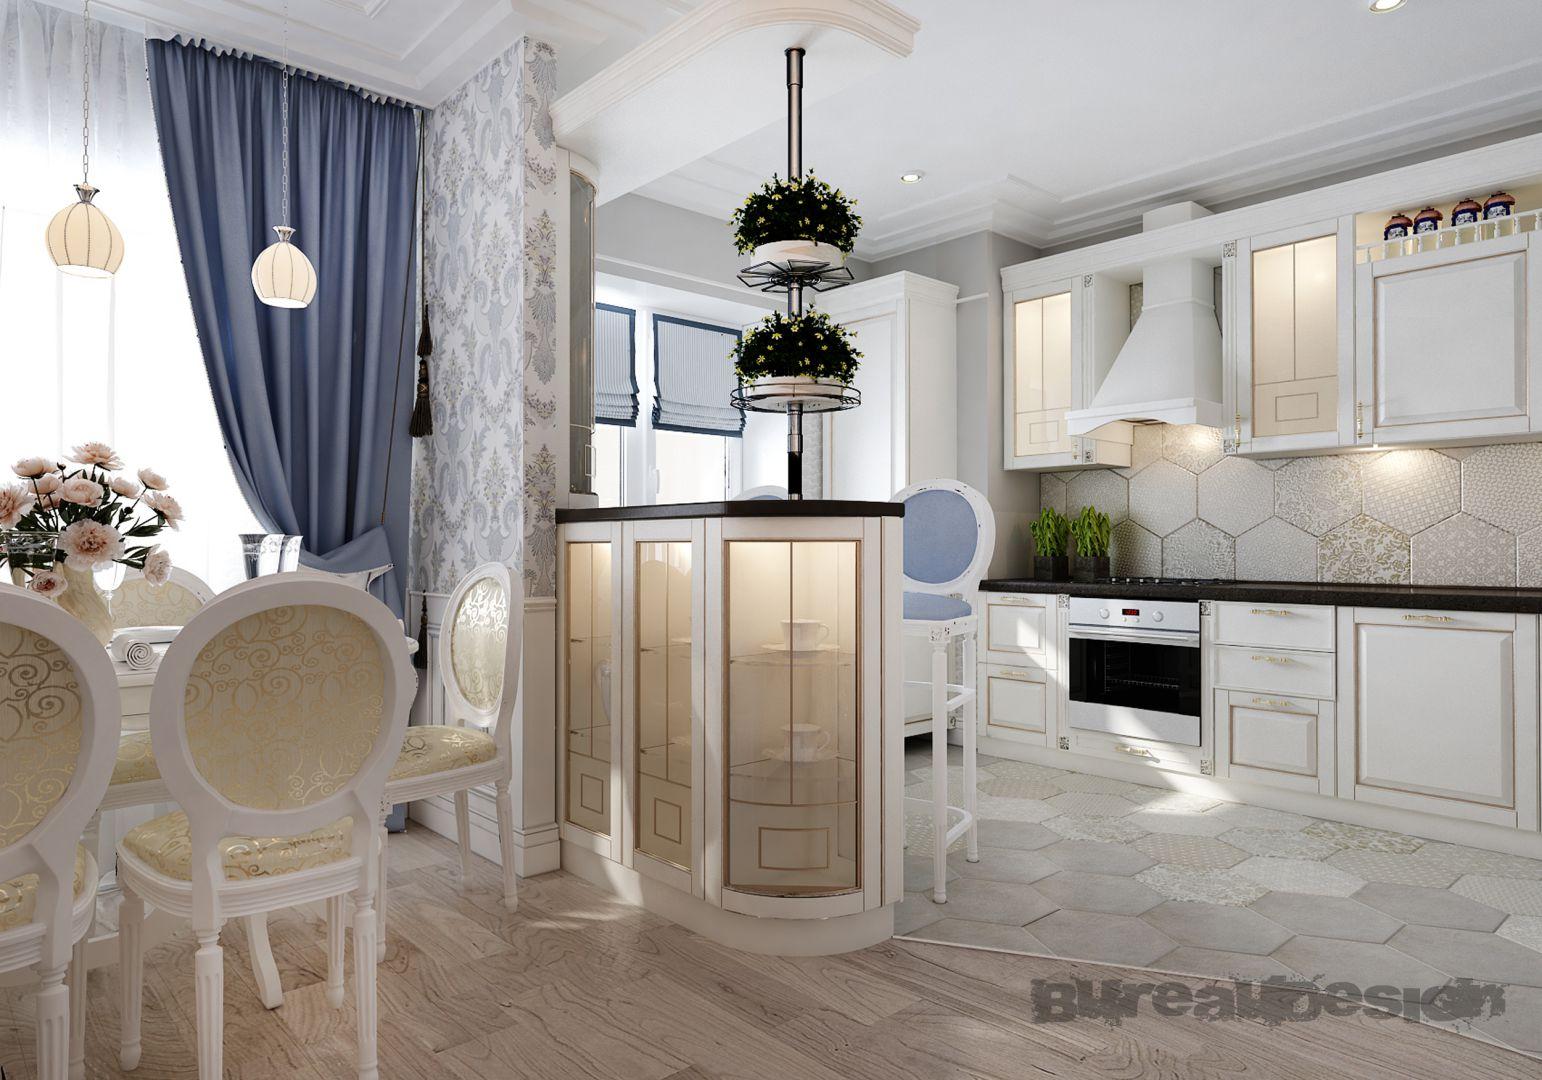 Дизайн интерьера. Калуга. Кухня